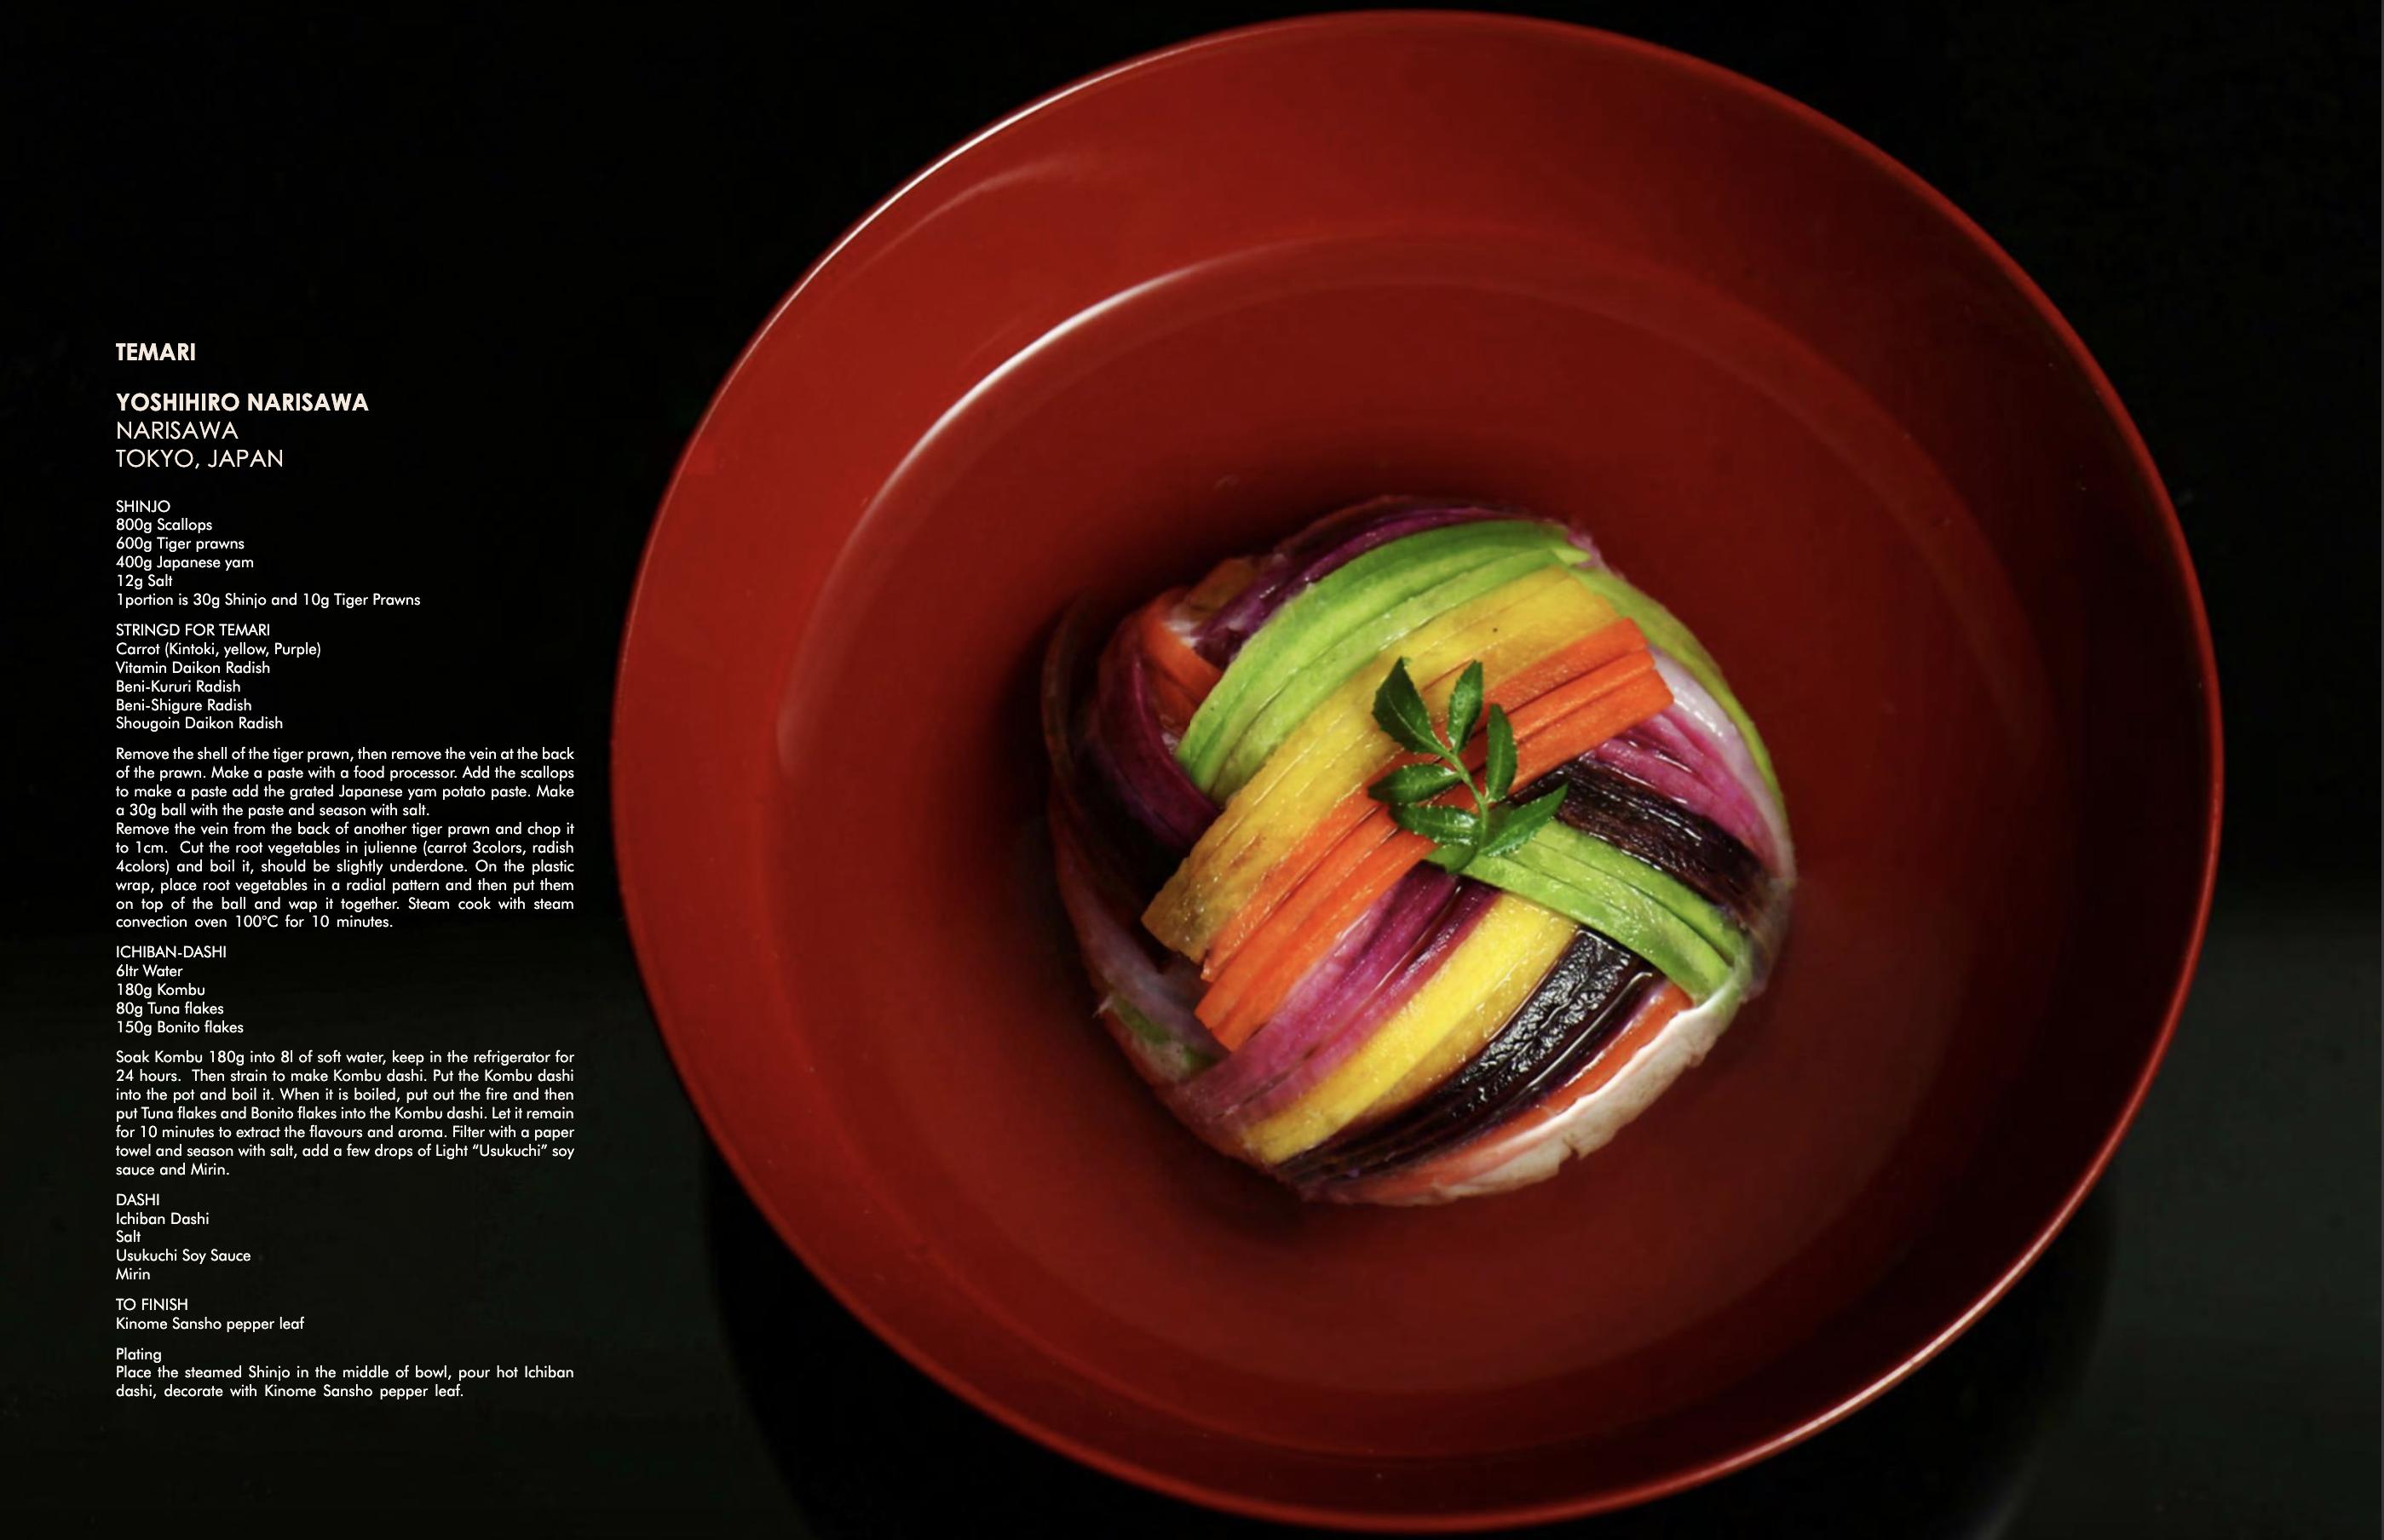 ナリサワなどの一流レストランが協力、豪華レシピ本のダウンロードが可能に